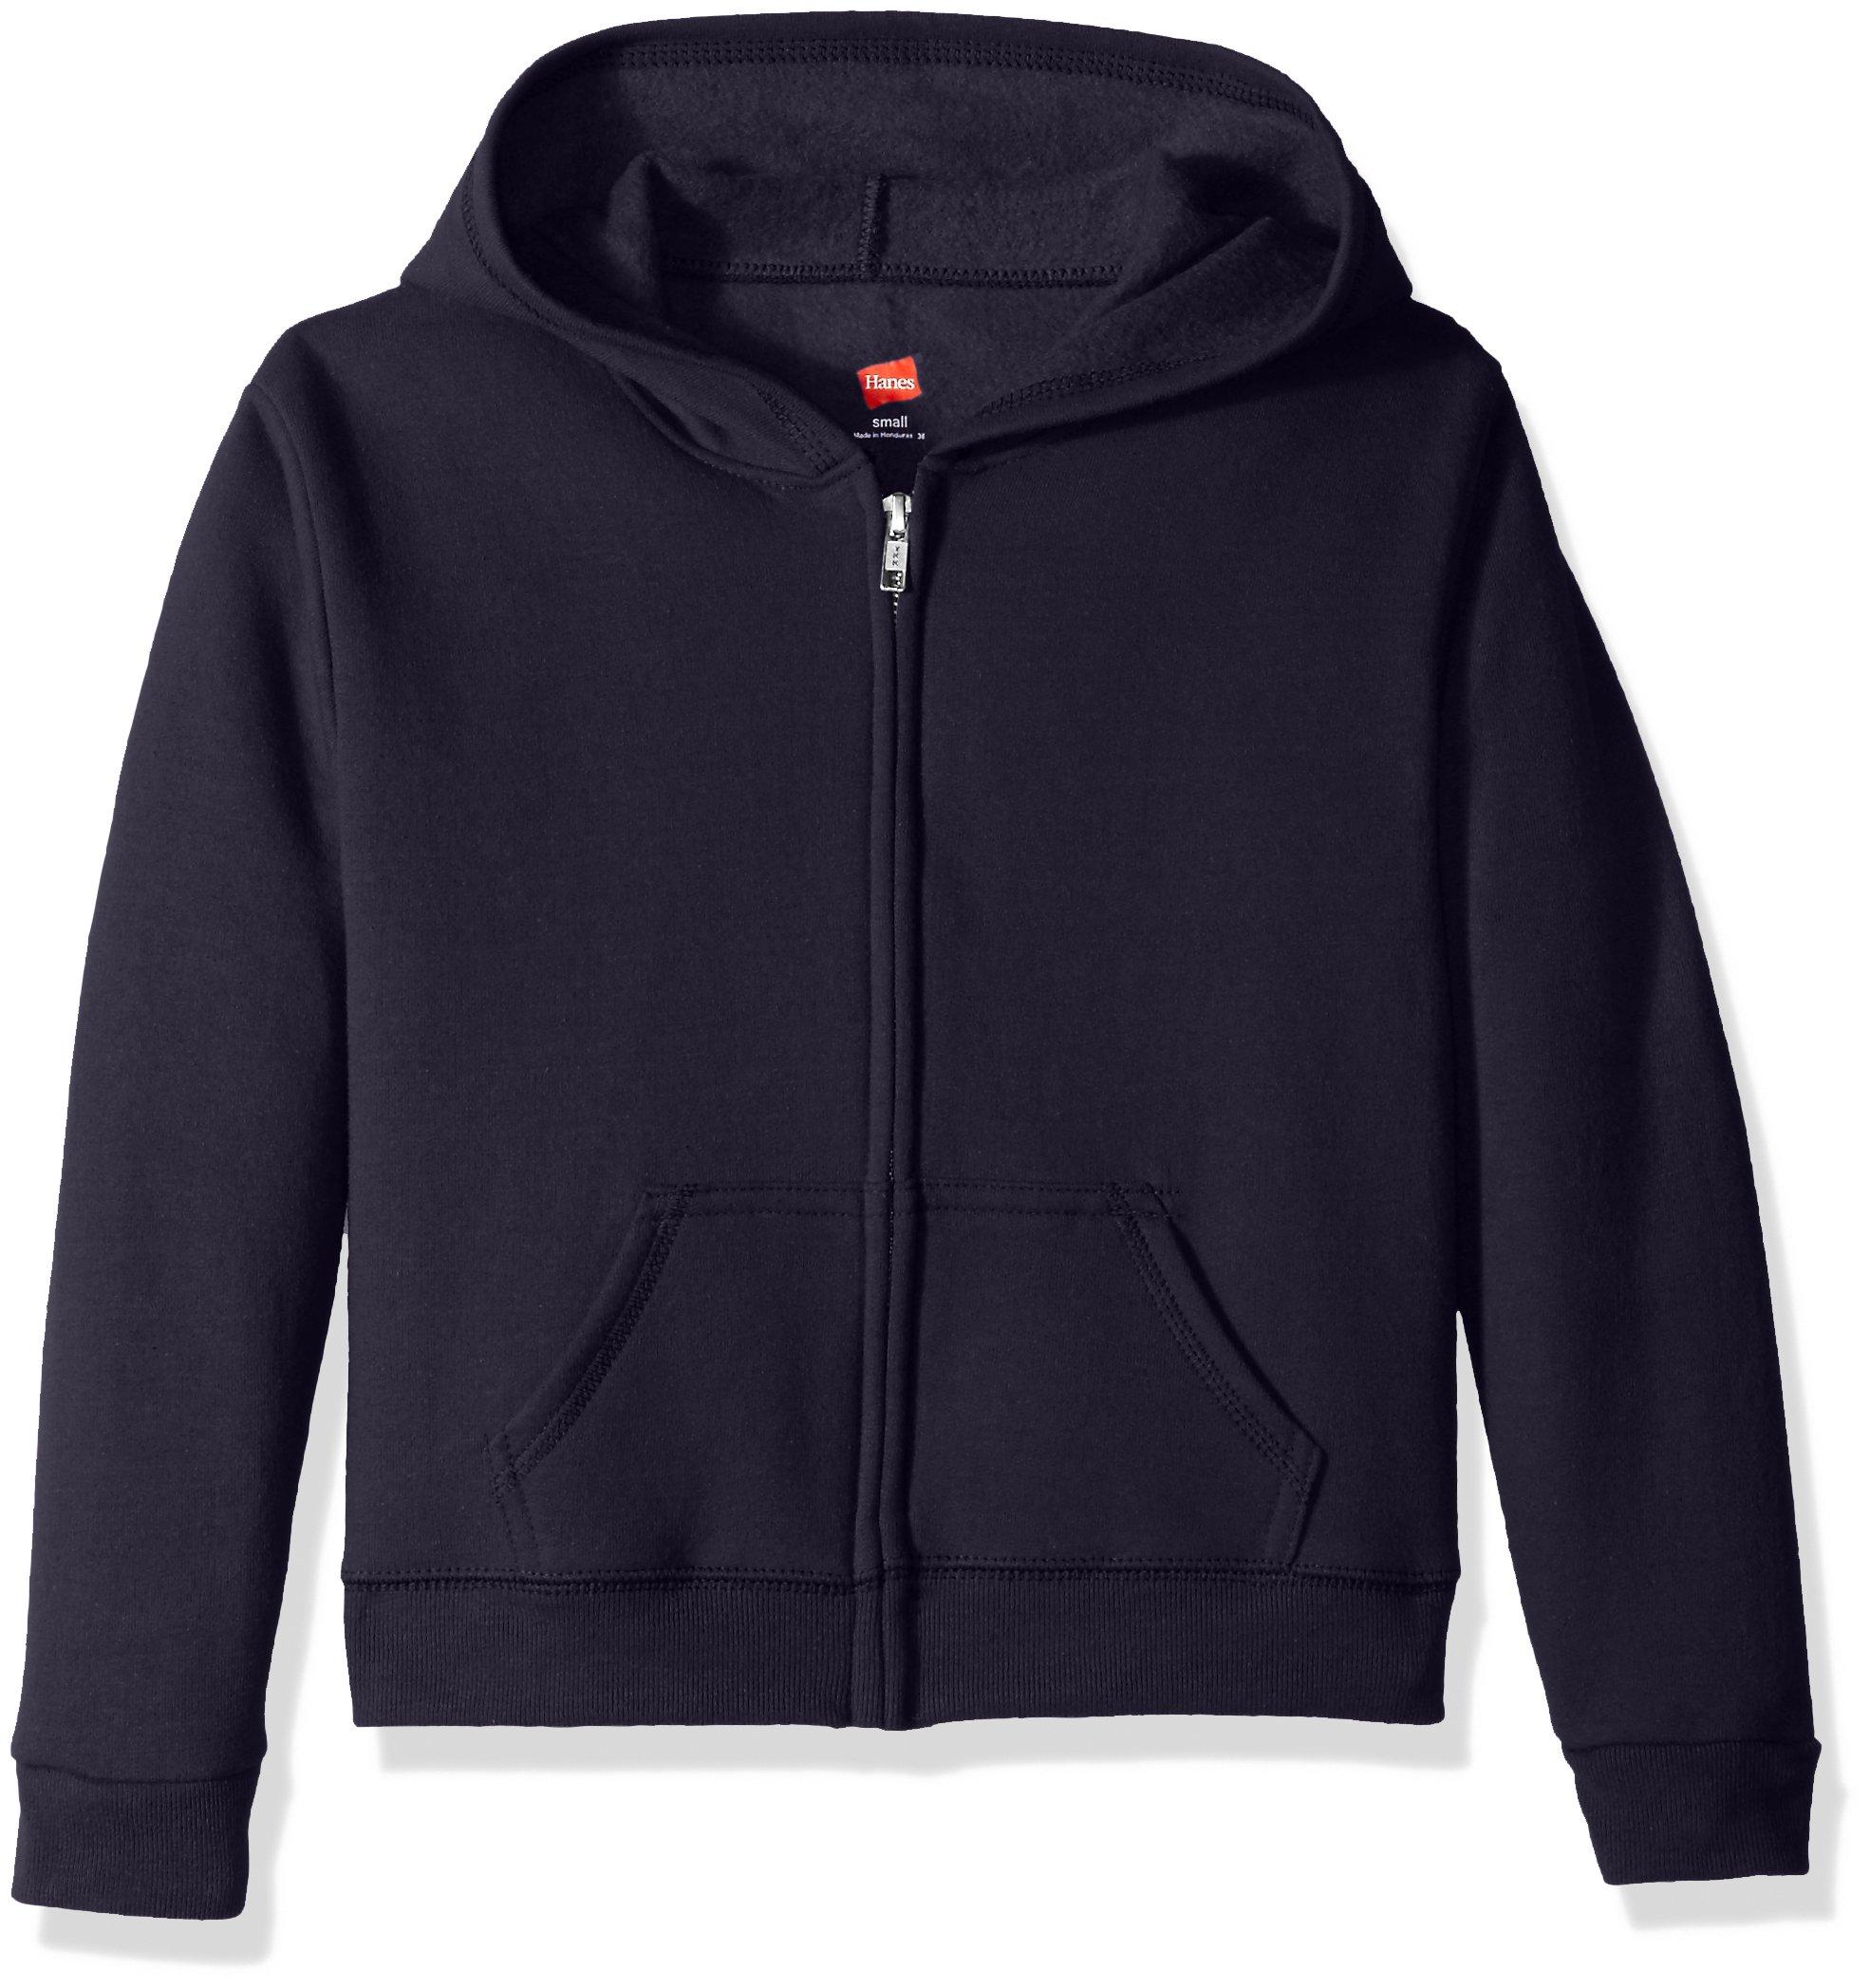 Hanes Girls' Big Girls' ComfortSoft EcoSmart Full-Zip Fleece Hoodie, Navy, XL